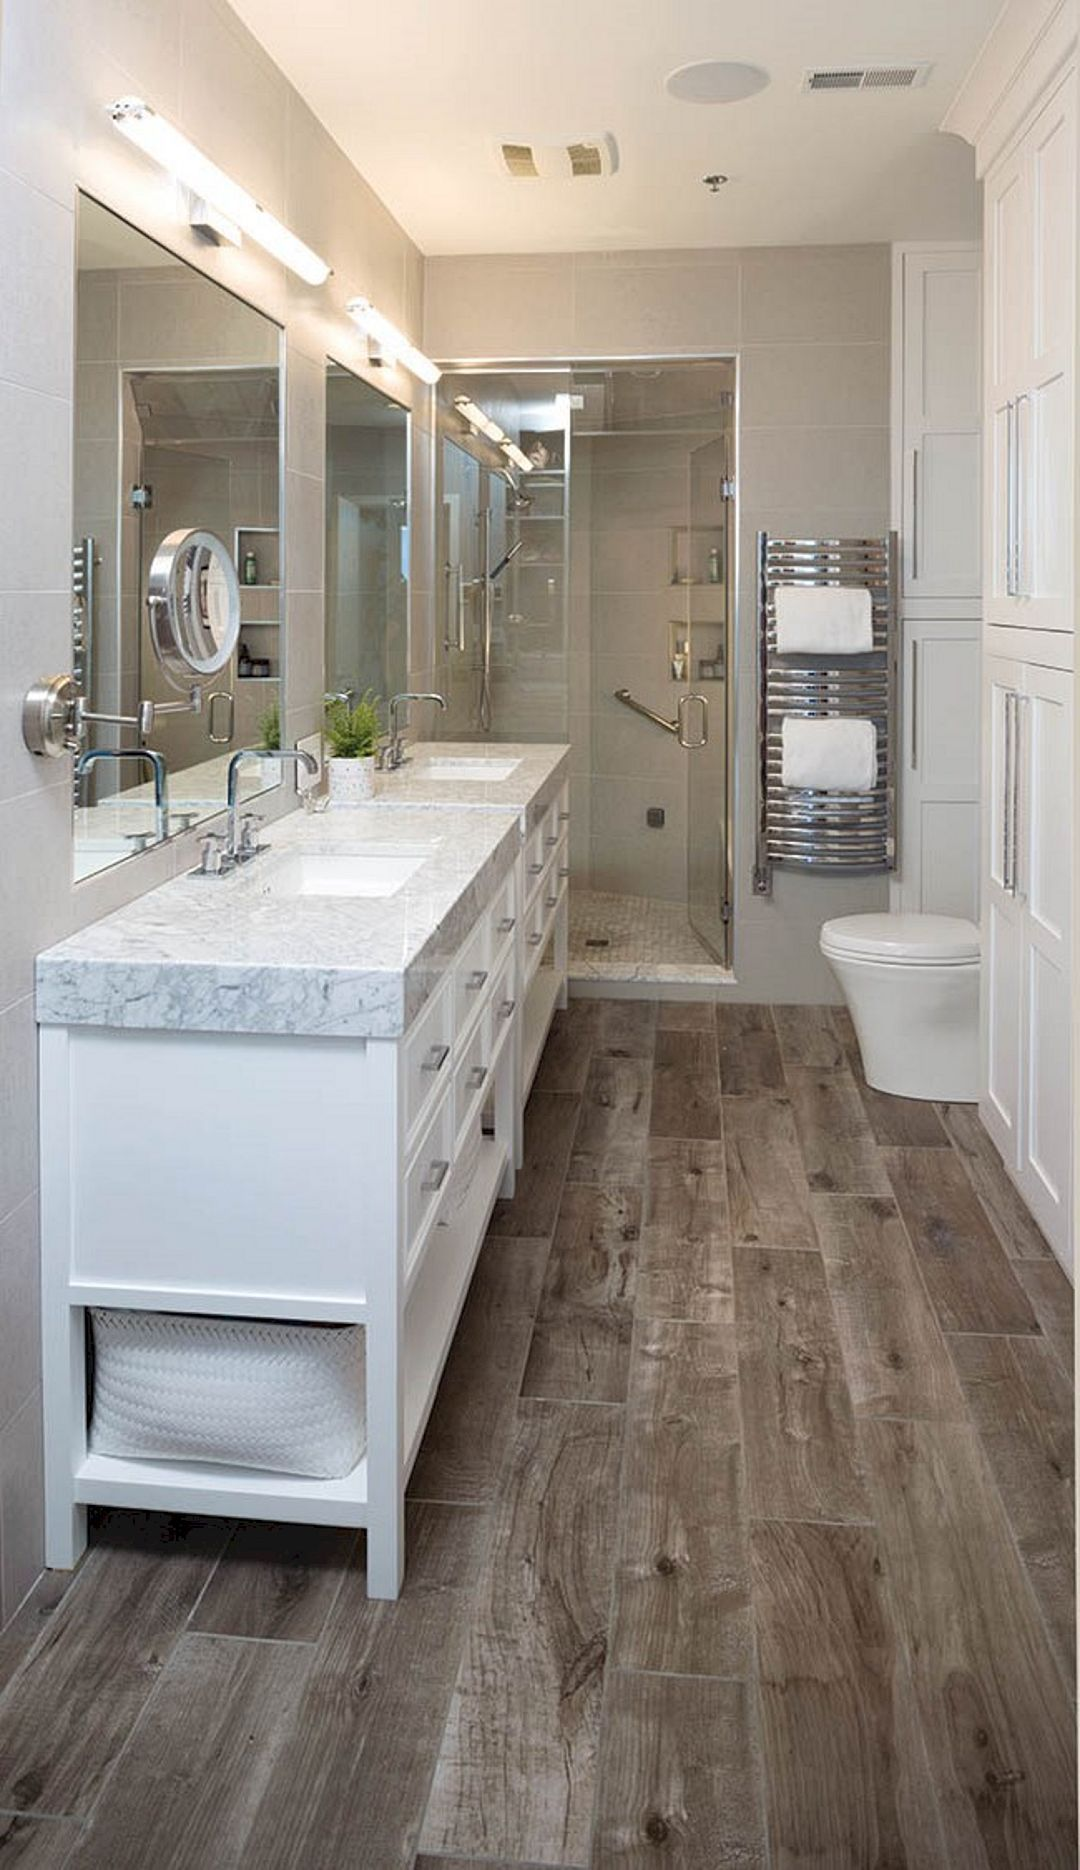 10 wonderful diy master bathroom ideas remodel on a on bathroom renovation ideas 2020 id=16420